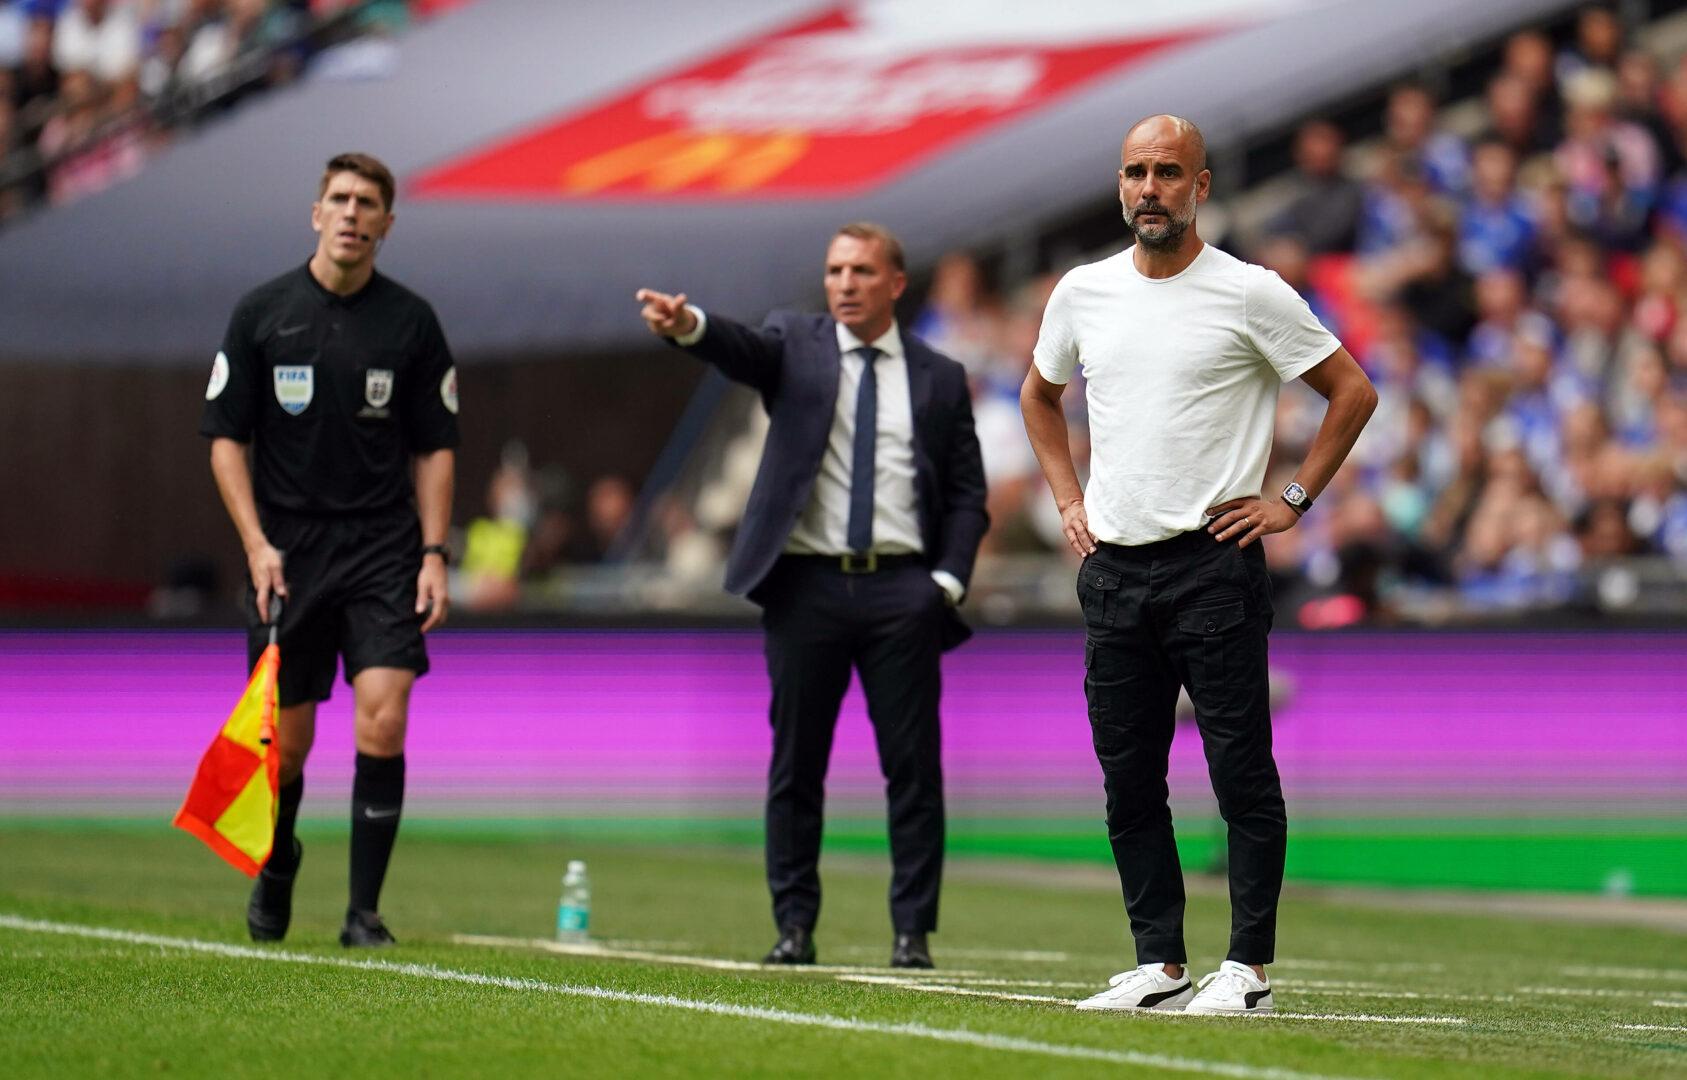 Leicester City – Manchester City: Können die Foxes den Meister ärgern?